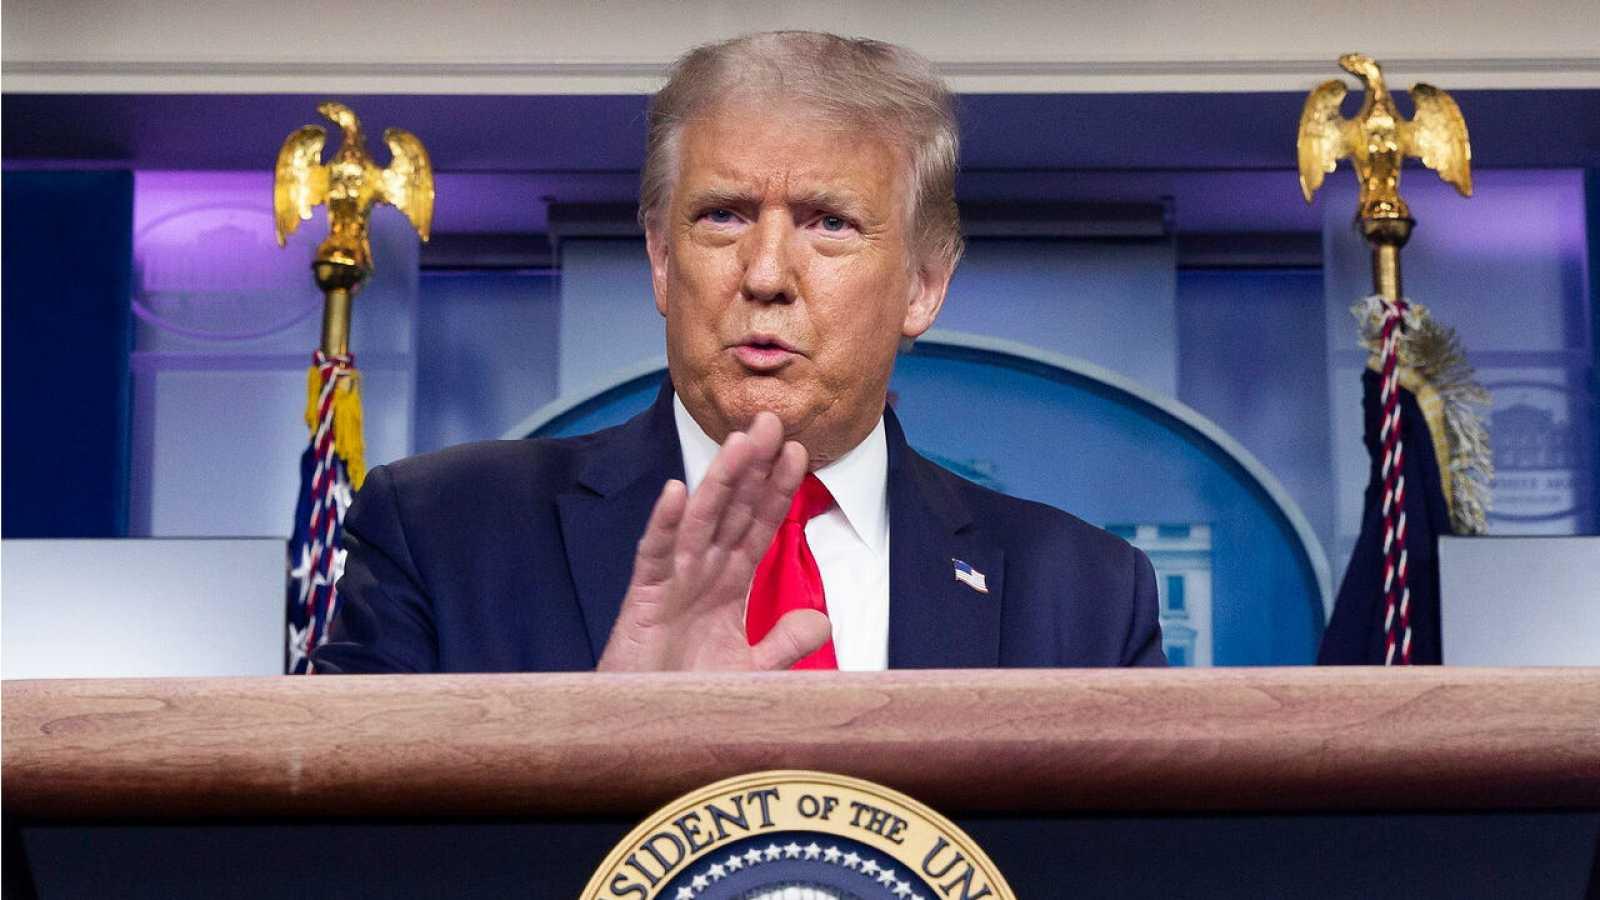 El presidente de los Estados Unidos, Donald Trump, celebra una conferencia de prensa en la sala de prensa en la Casa Blanca en Washington, DC, EE. UU.